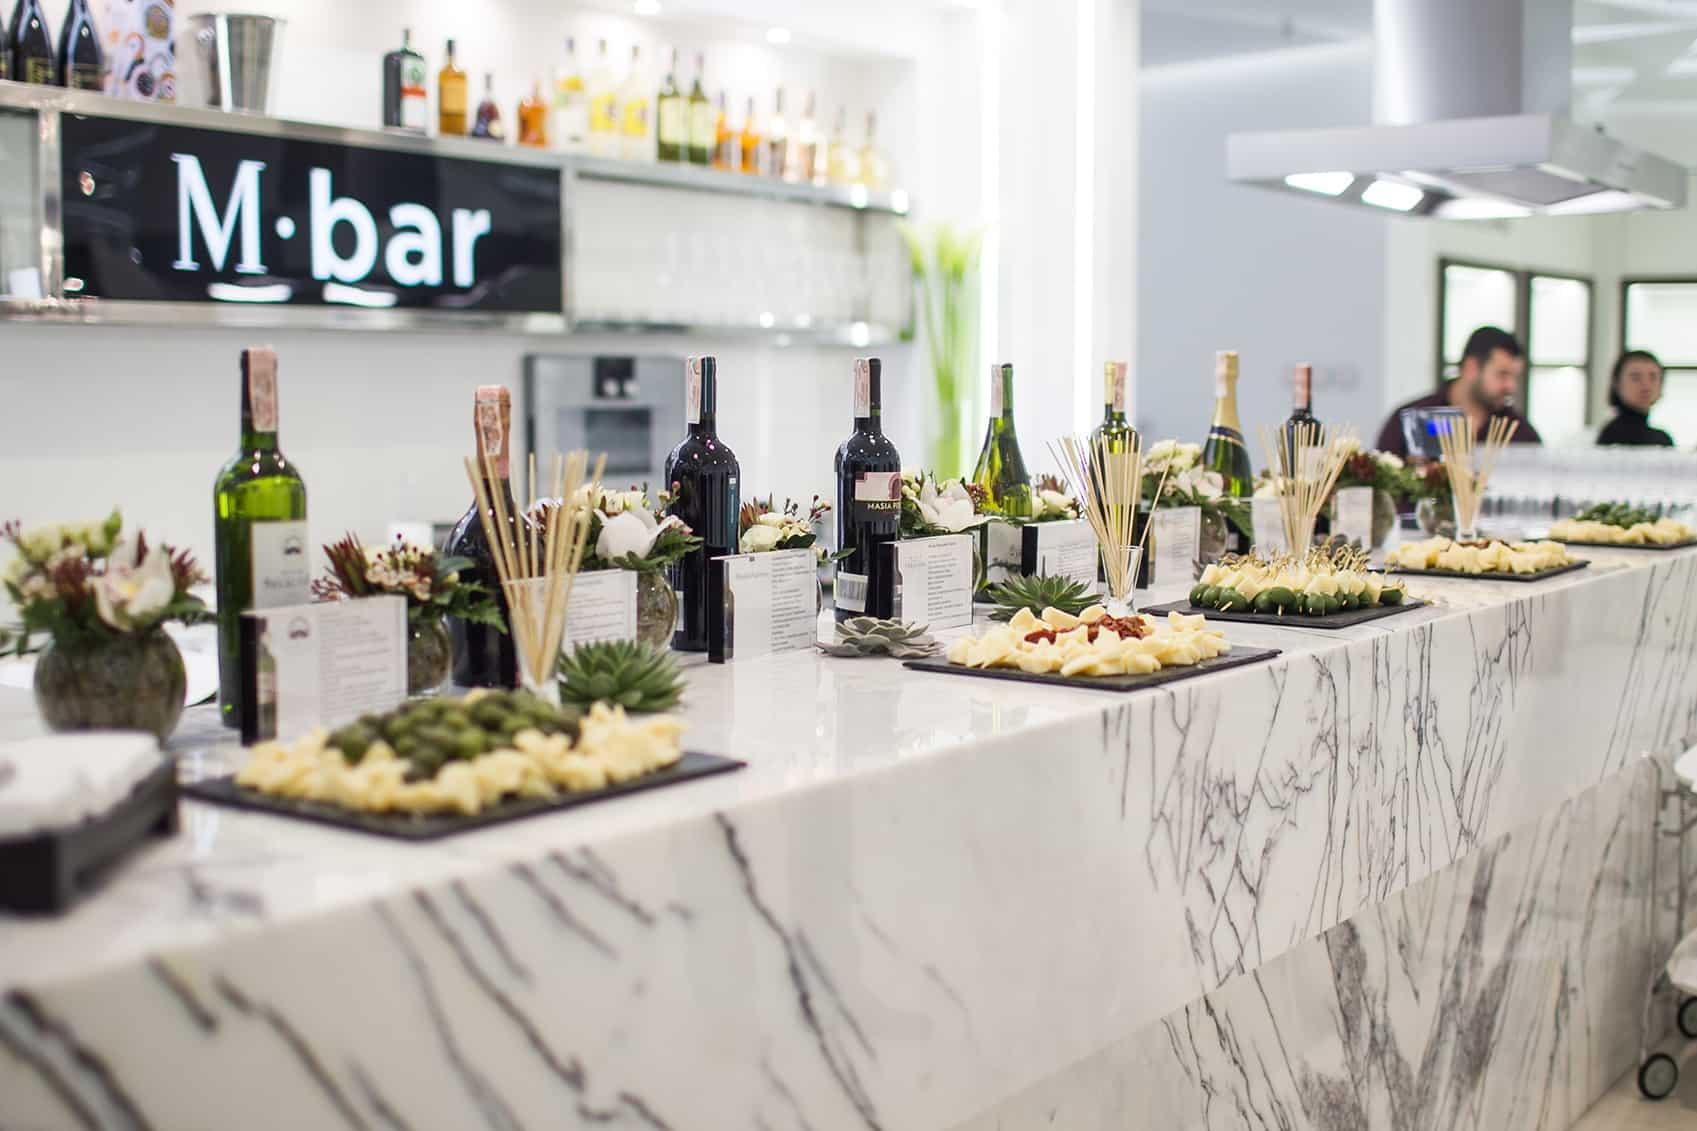 M-bar opening